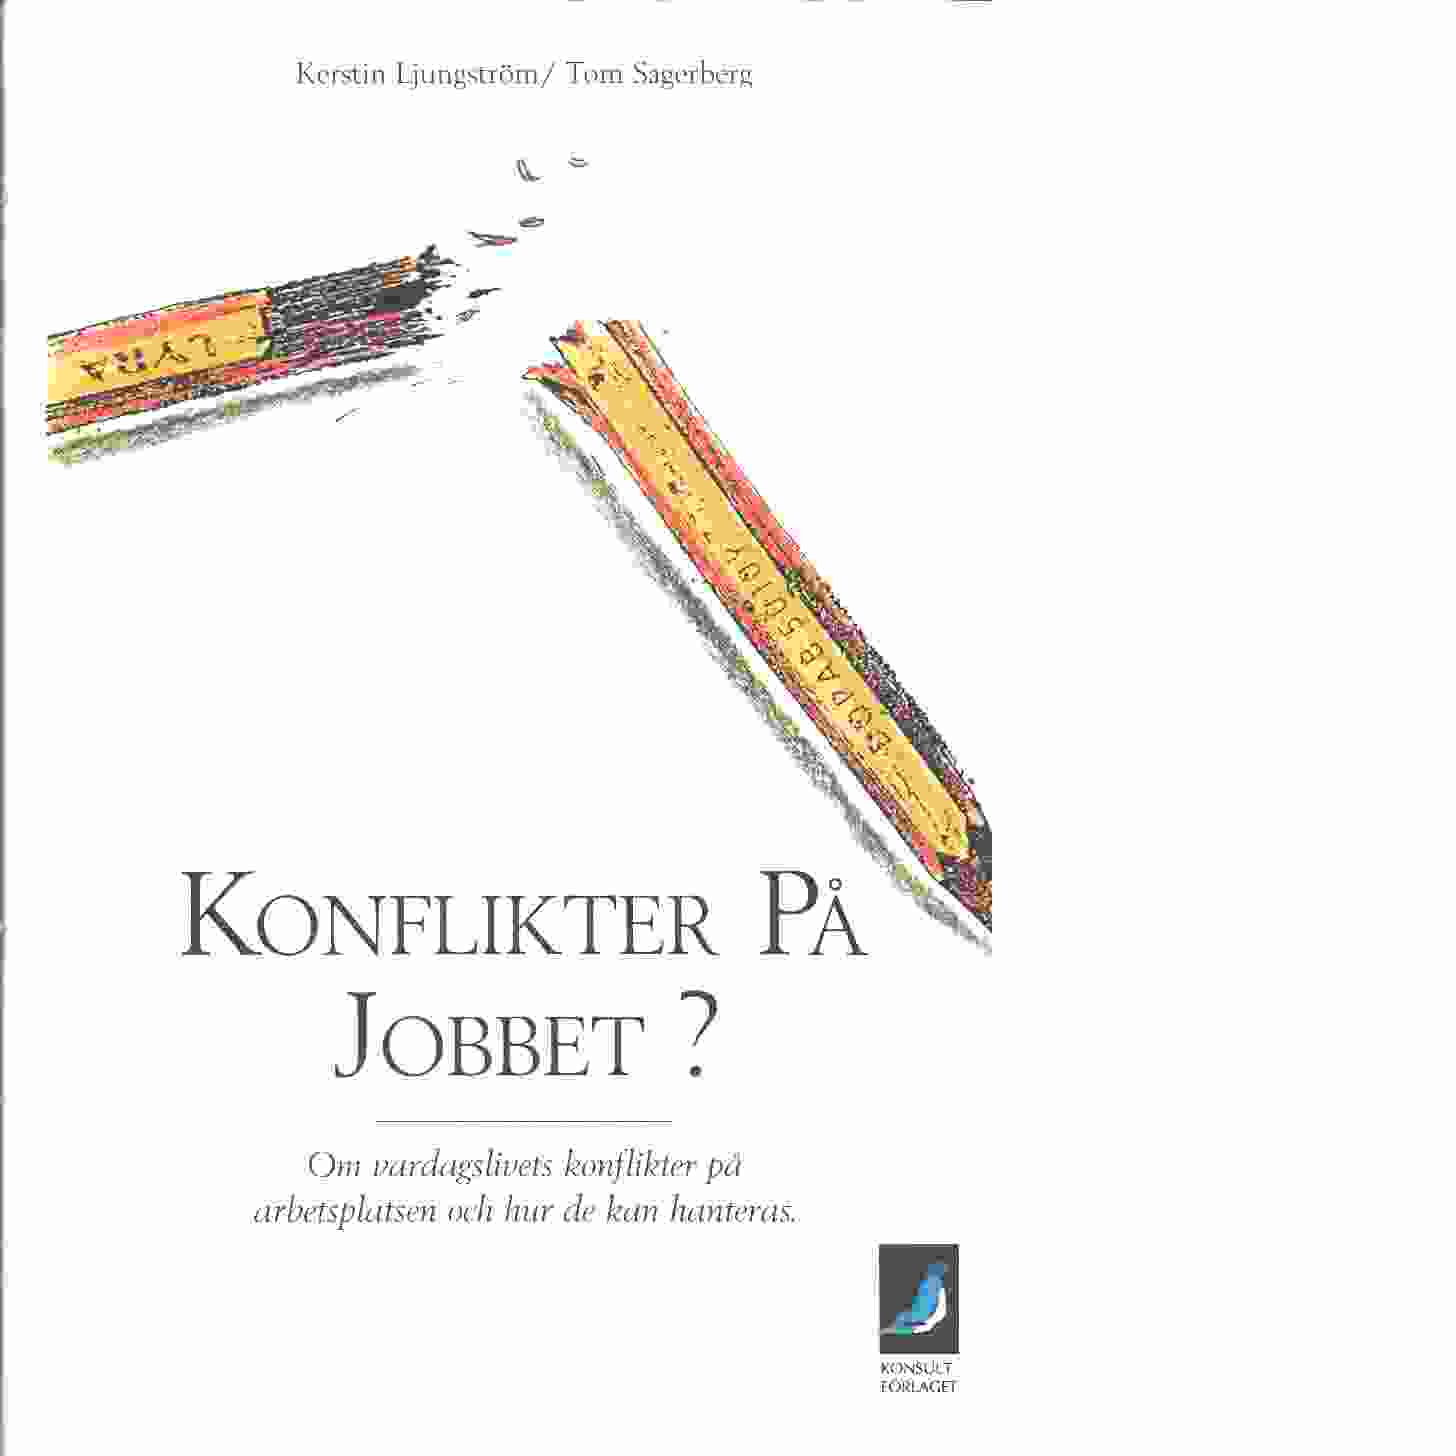 Konflikter på jobbet? - Ljungström, Kerstin och Sagerberg, Tom